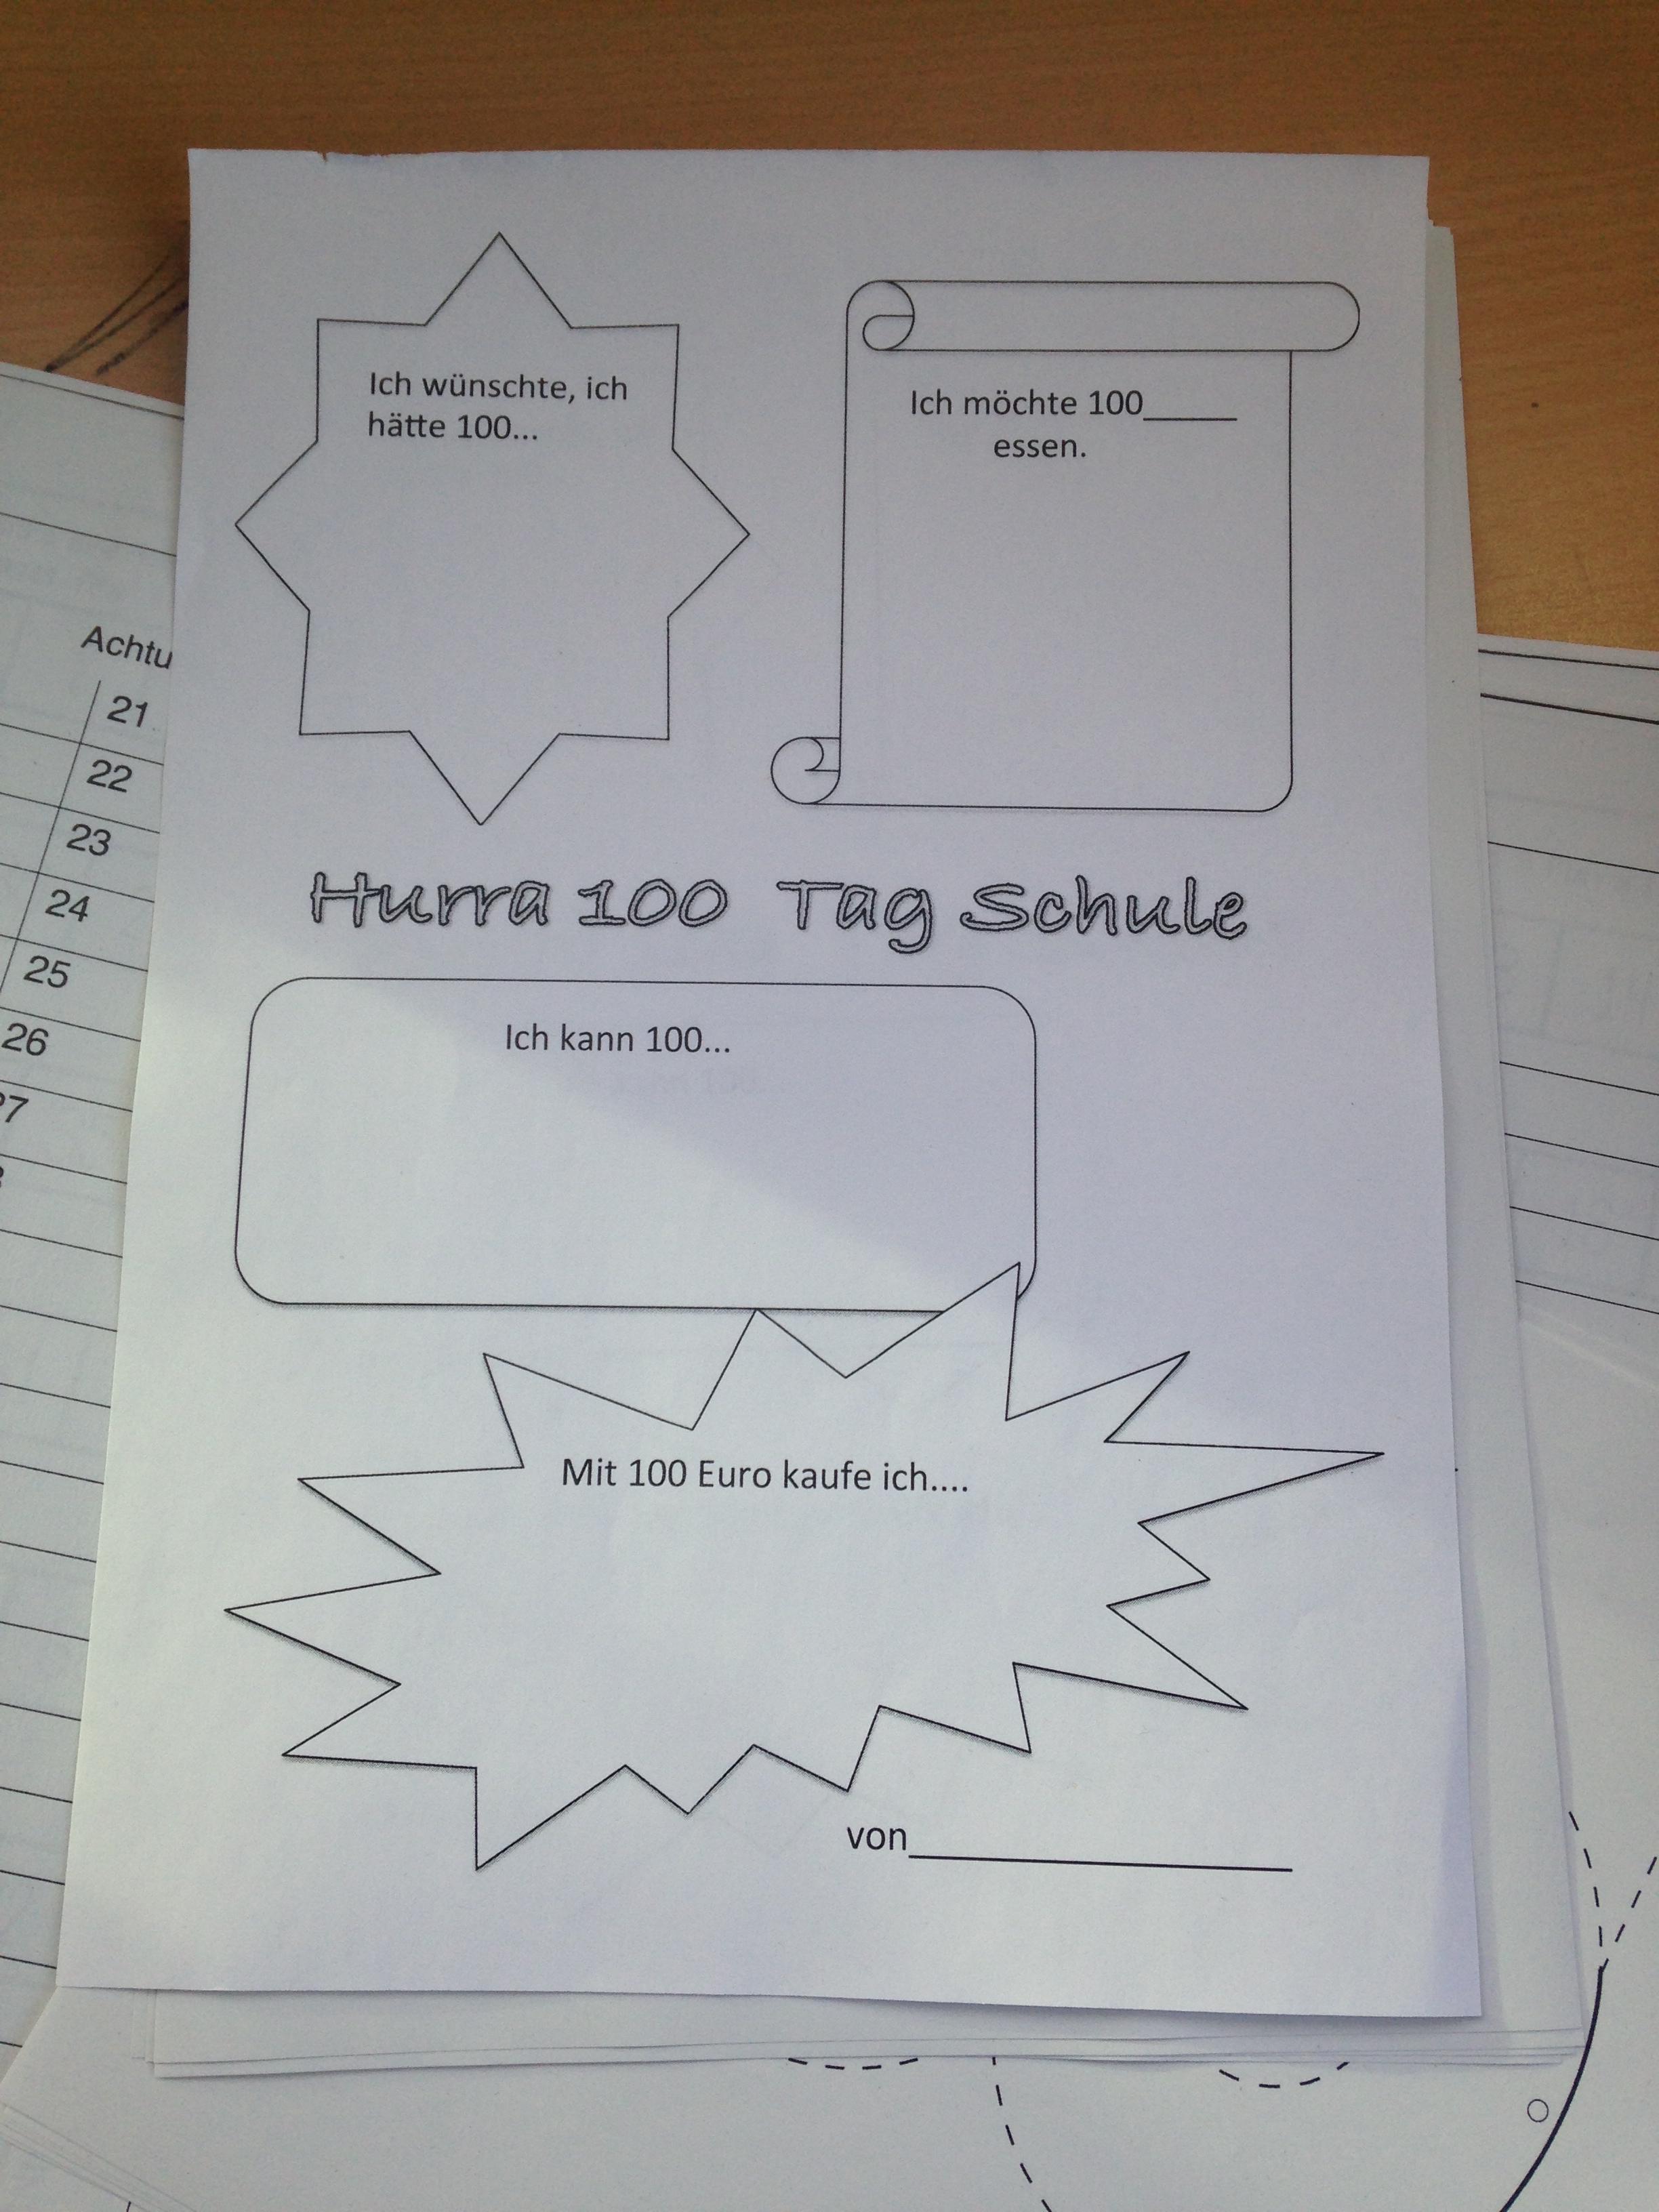 Beste 100 Tage Der Schule Arbeitsblatt Für Kindergärten Galerie ...